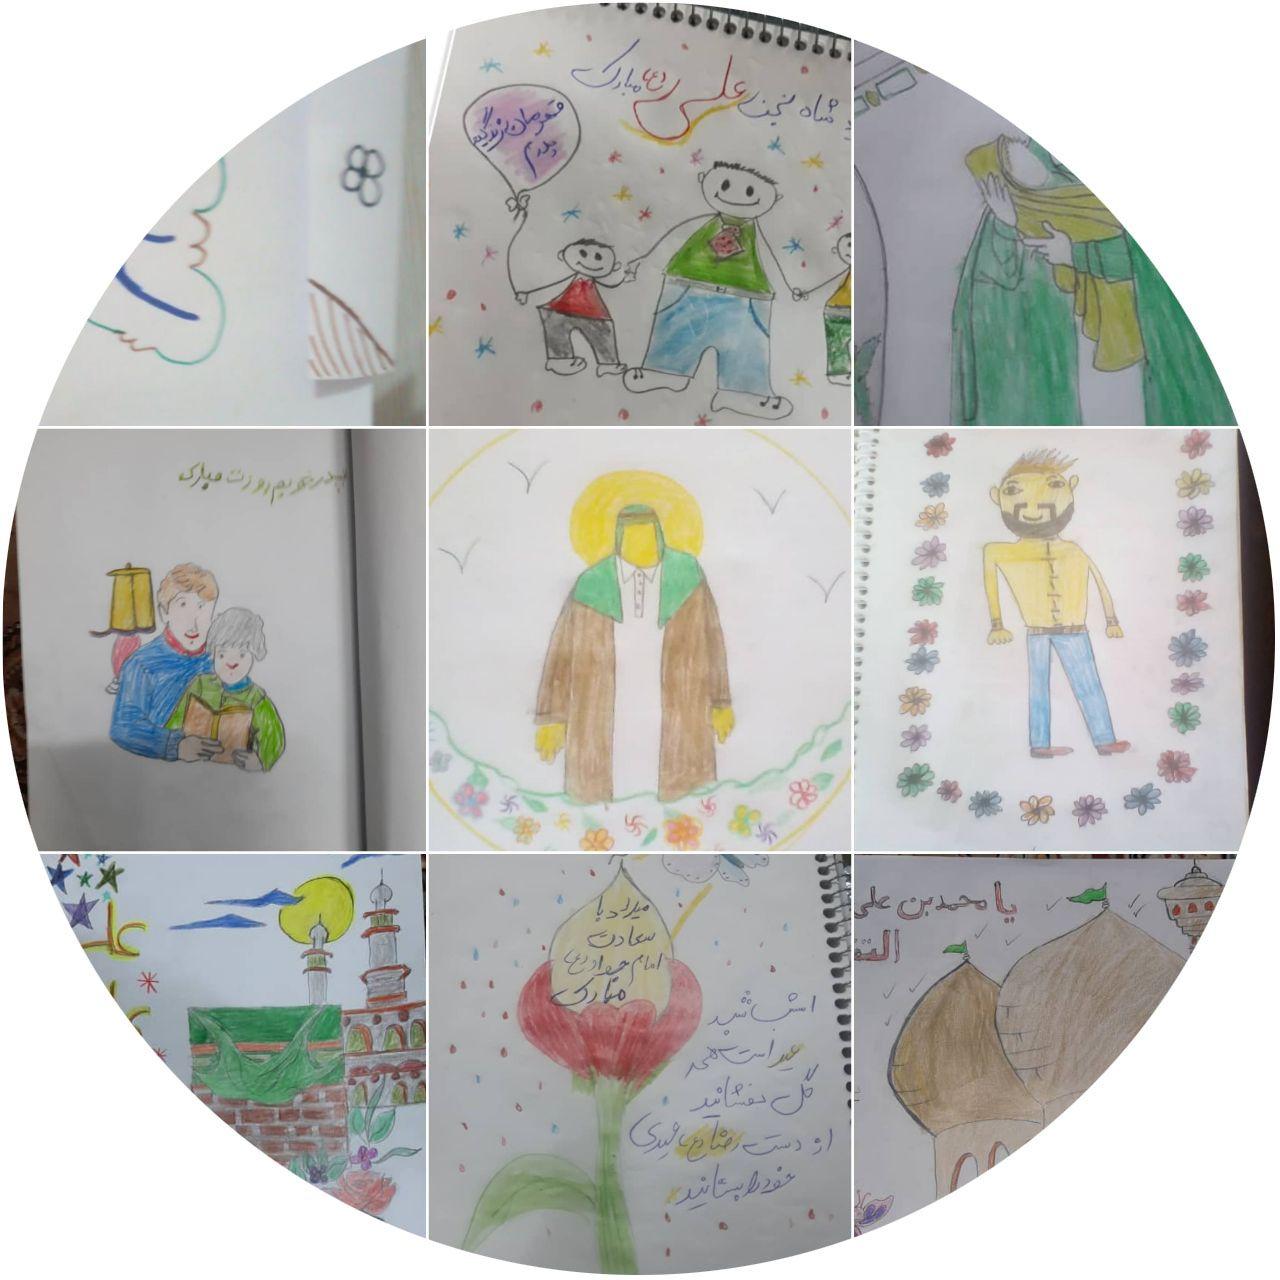 نقاشی های کودکان خیریه